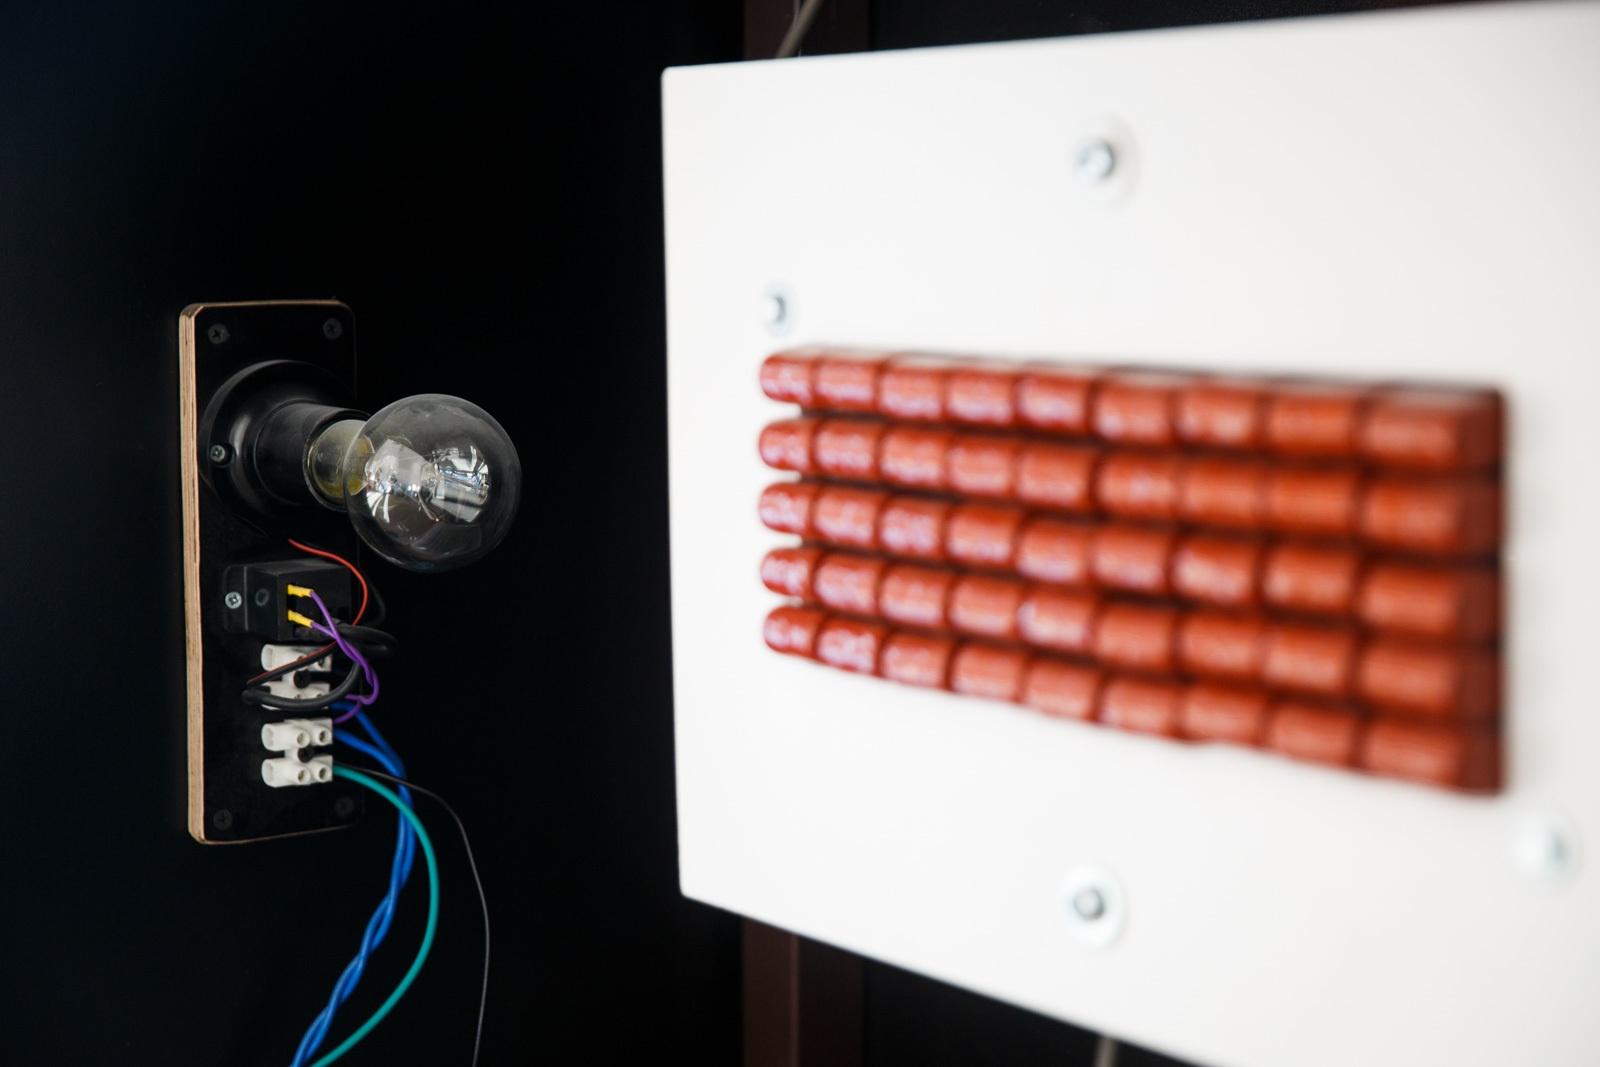 Как Тесла встретился с Ландау, или Гайд по строительству комнаты высоких энергий - 21